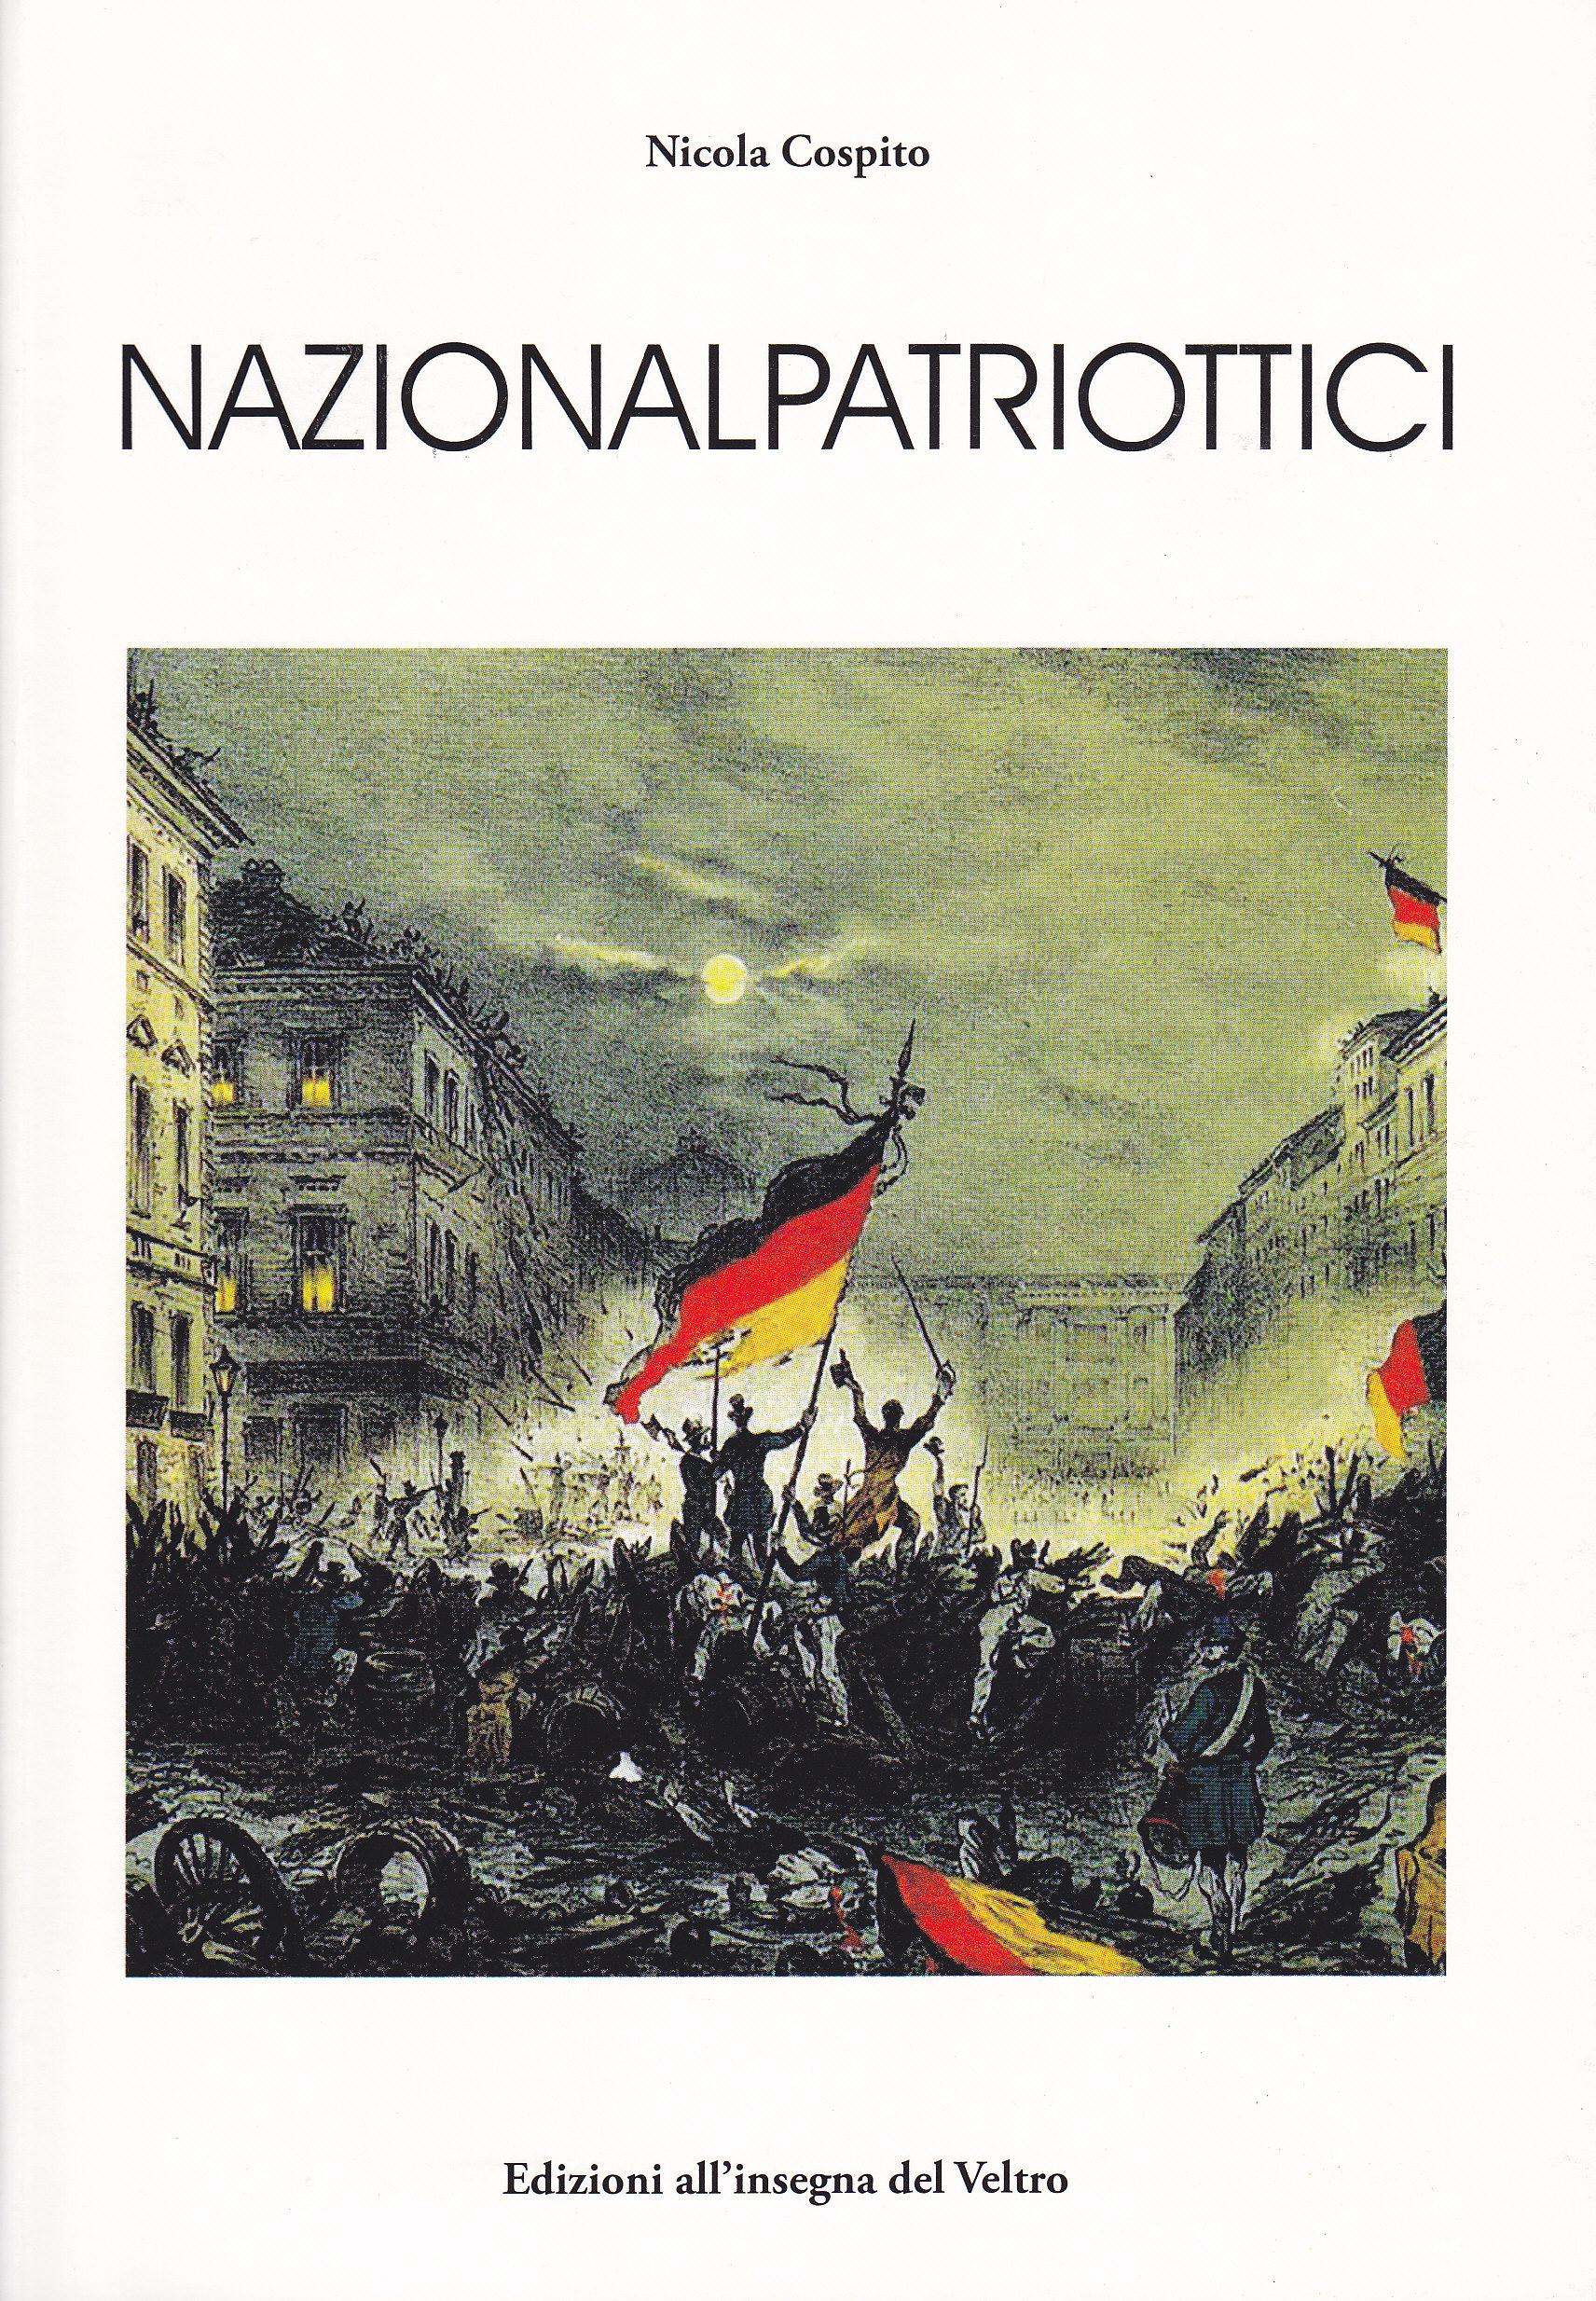 Nicola Cospito: I Nazionalpatriottici